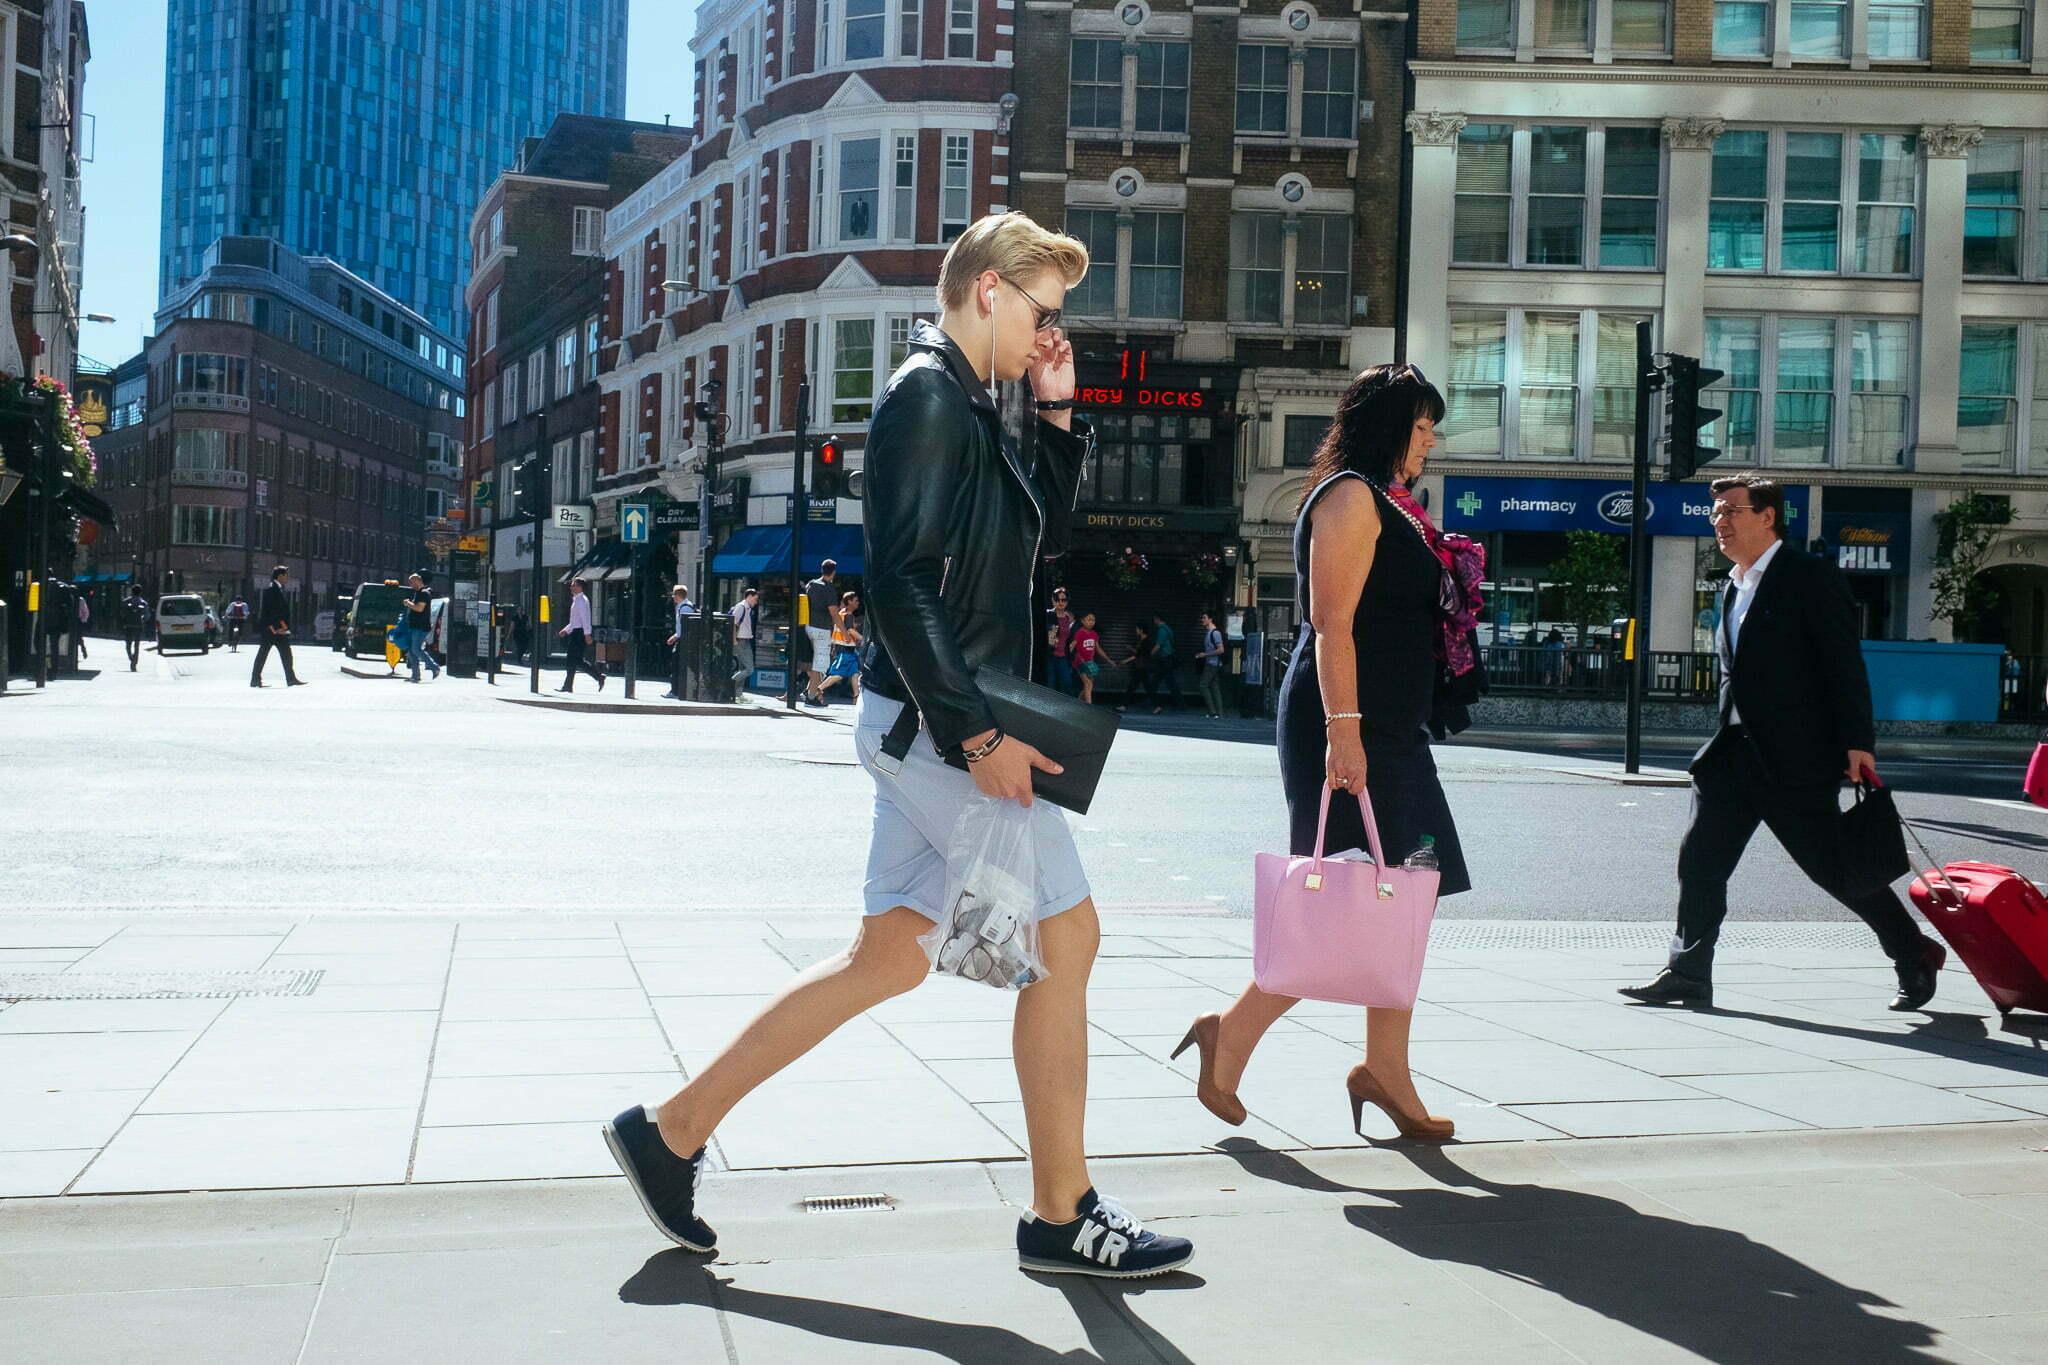 london-street-6800